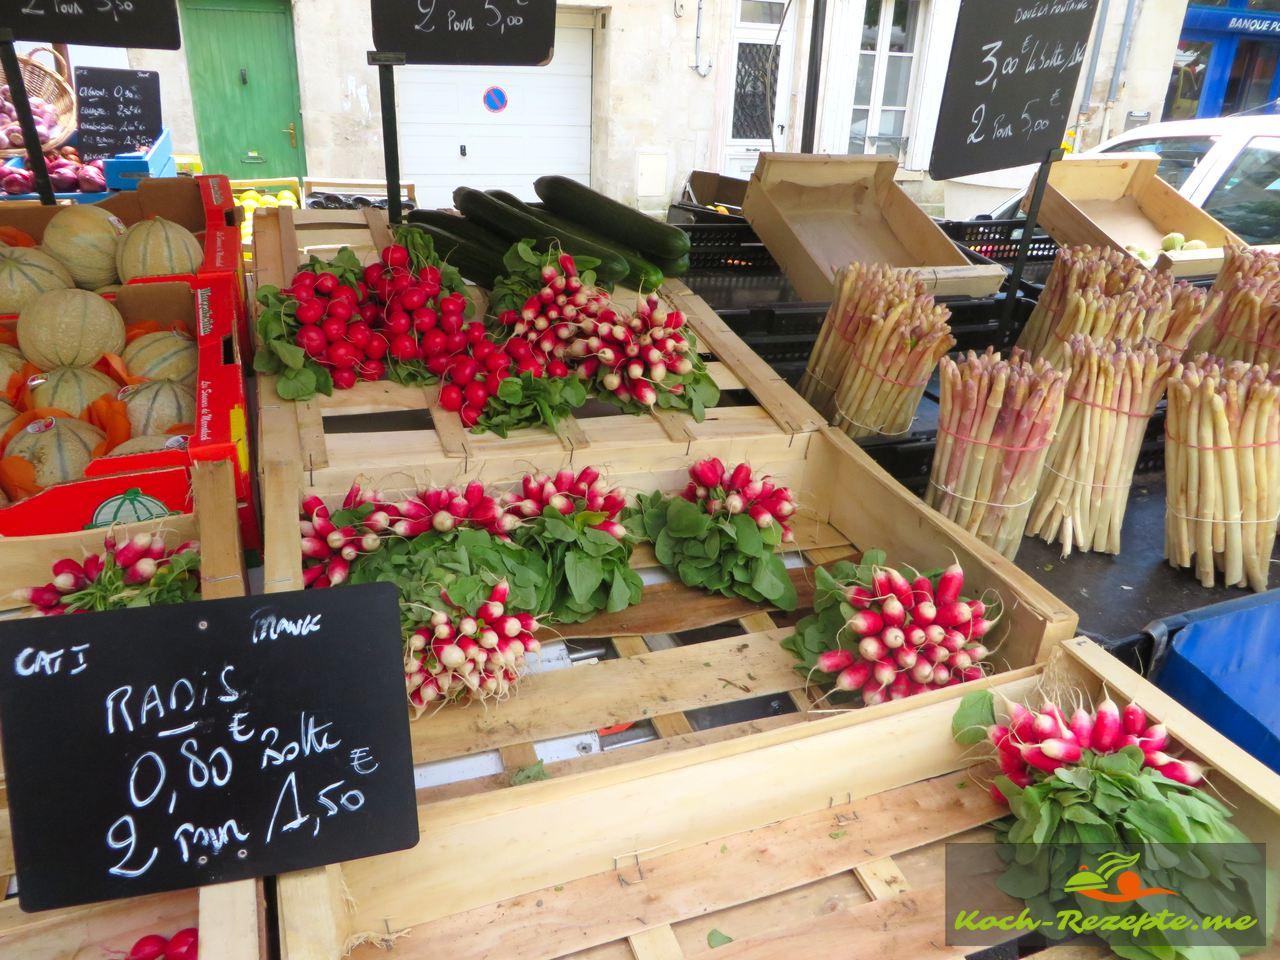 Kochrezepte aus frankreich essen trinken und genie en - Monsieur meuble fontenay le comte ...